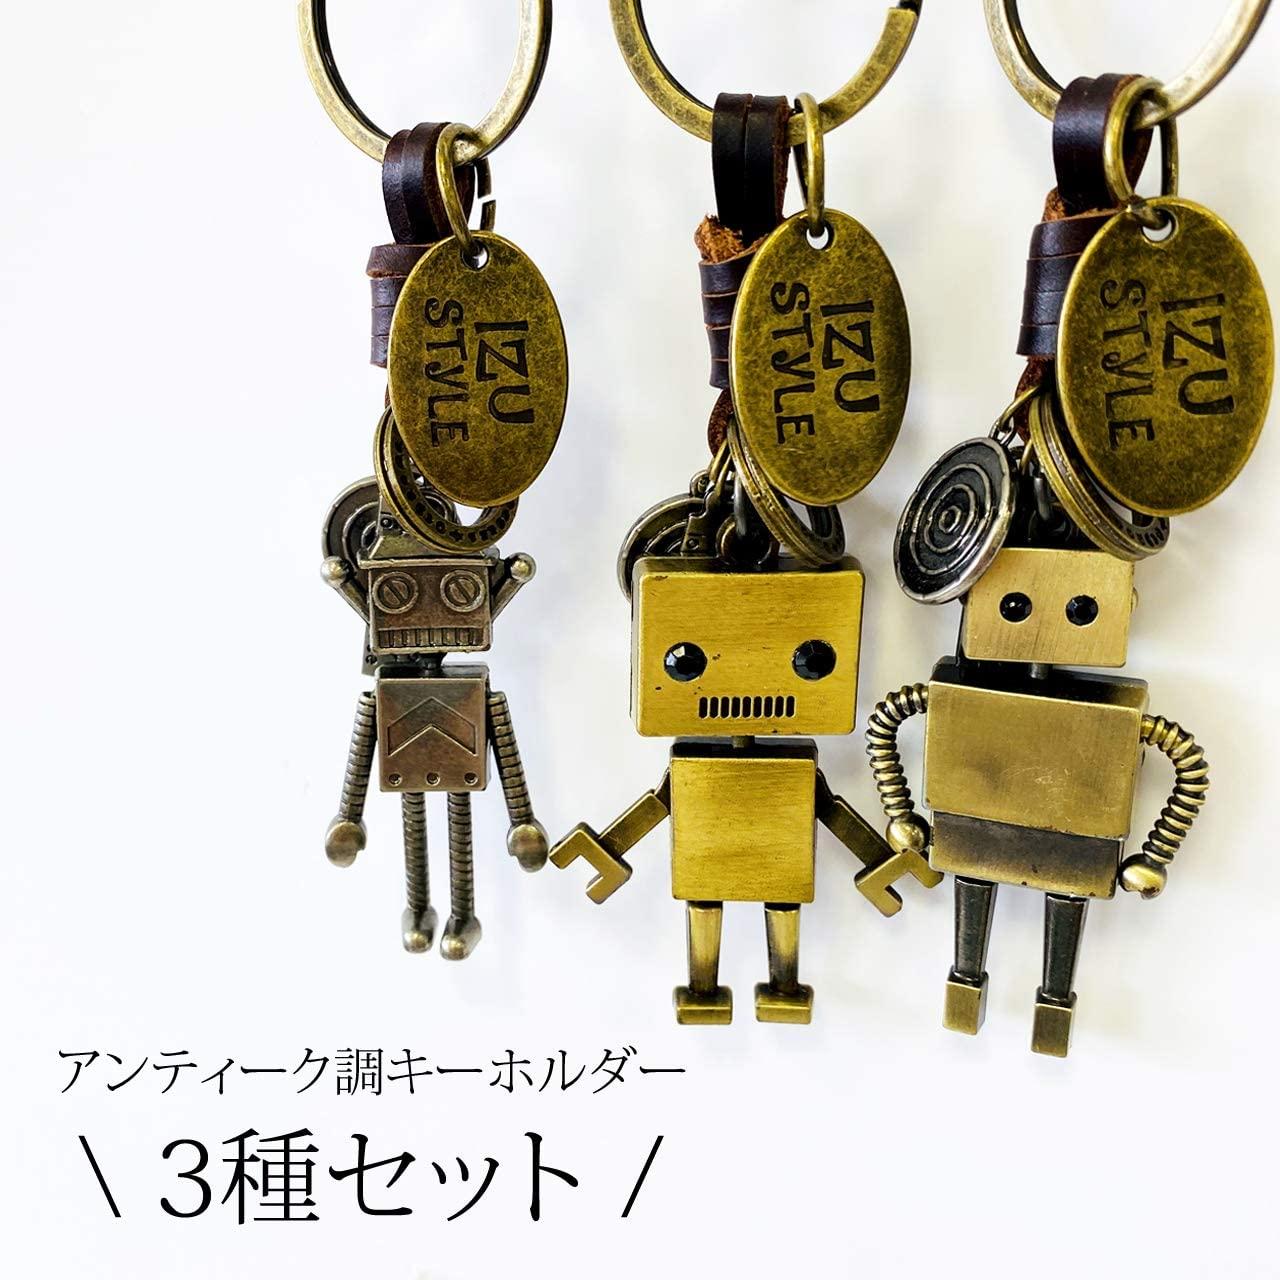 バックチャーム アンティーク ゴールド キーホルダー ロボットモチーフ 3種セット